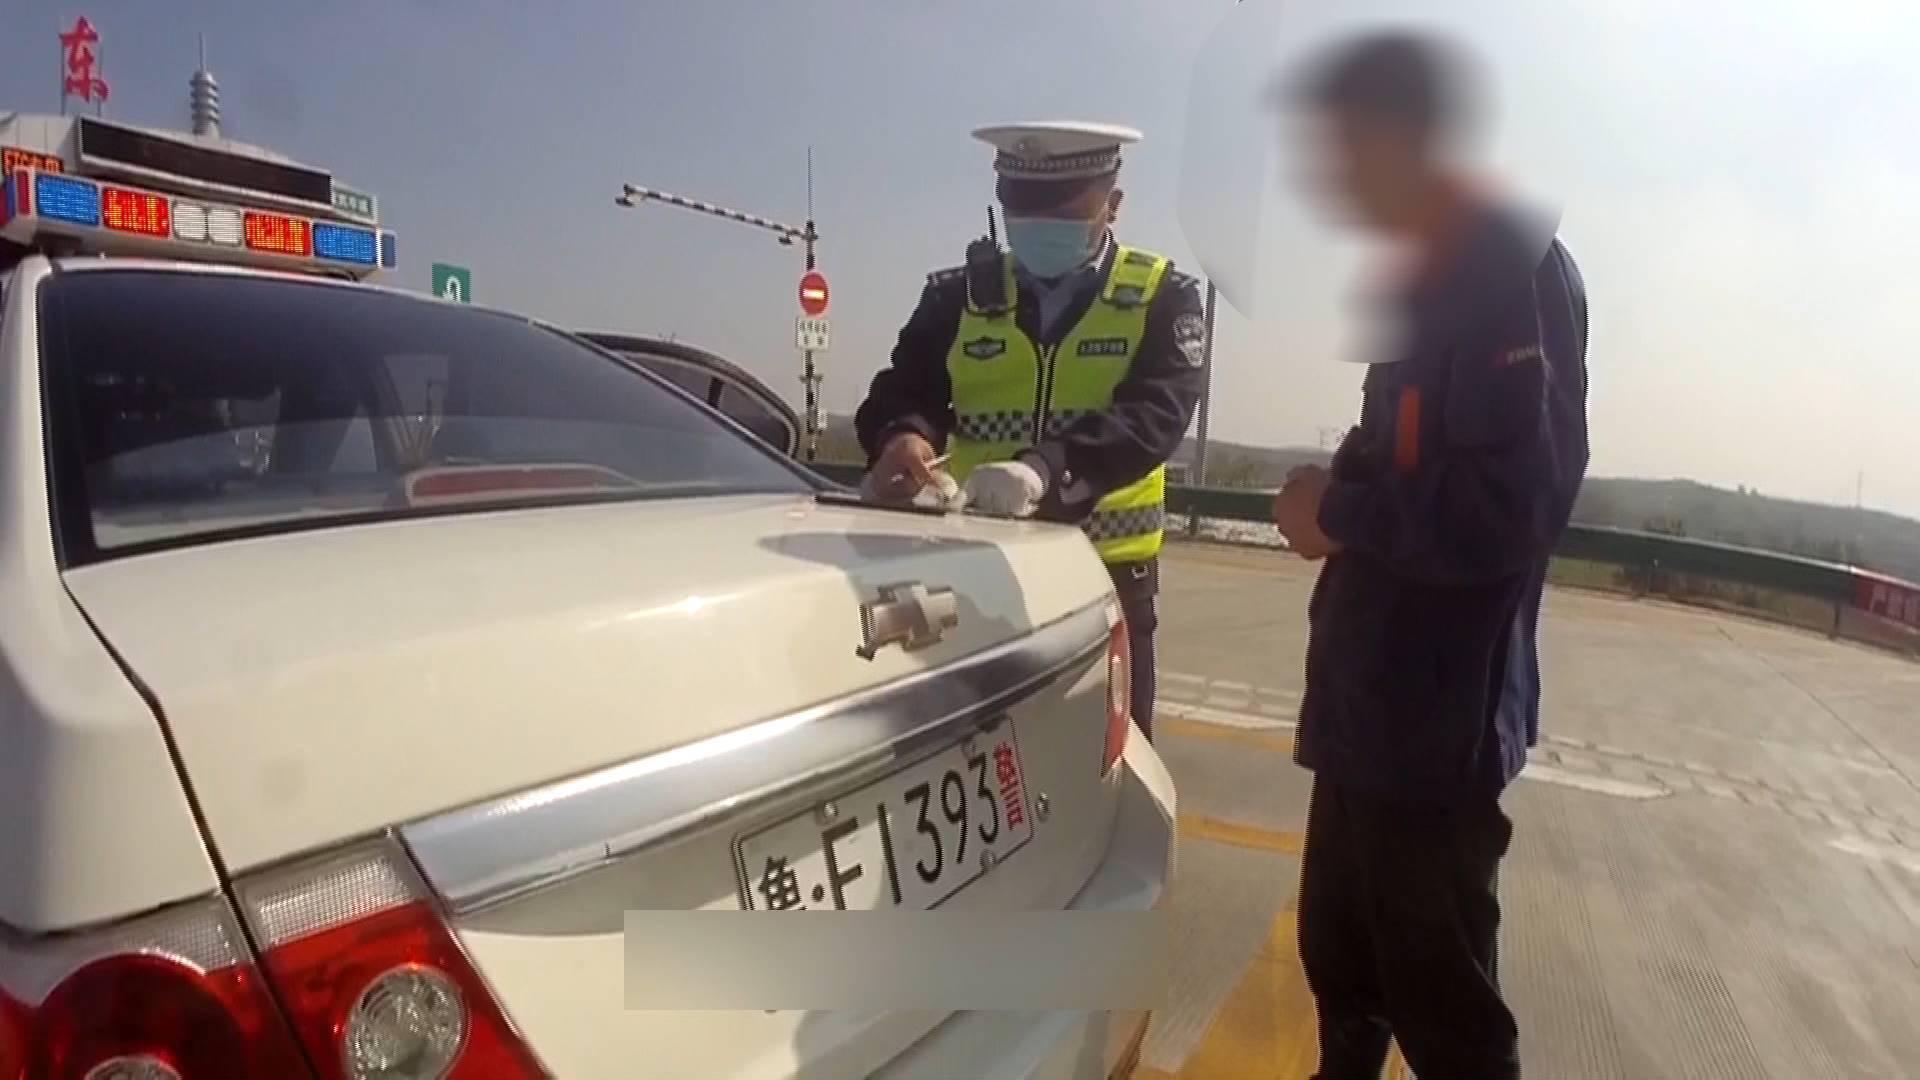 70秒|才出拘留所5天又被逮!男子连续无证驾驶被查一脸无奈